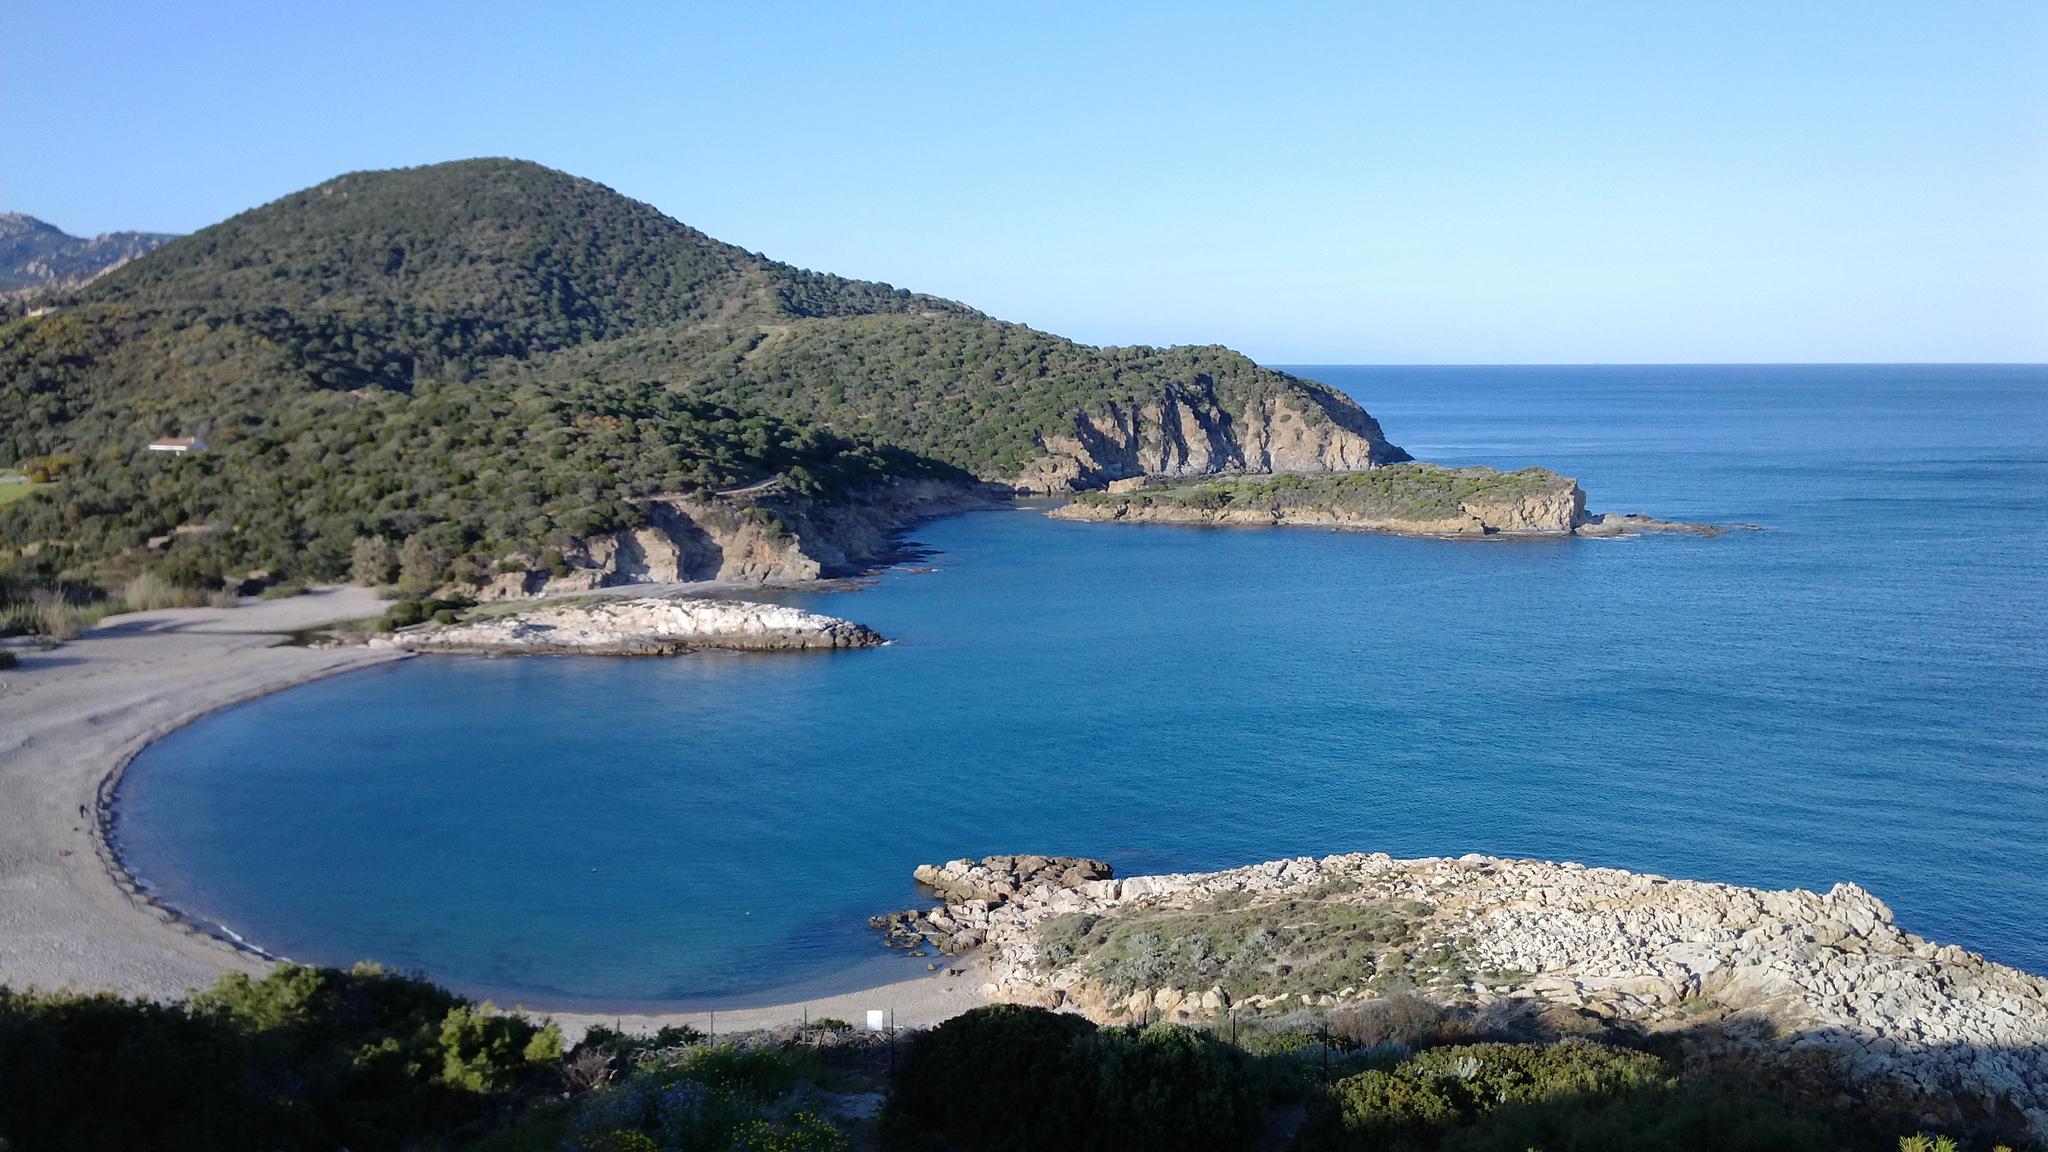 Guida Blu 2017, Sardegna regina dell'estate: litorale di Chia al